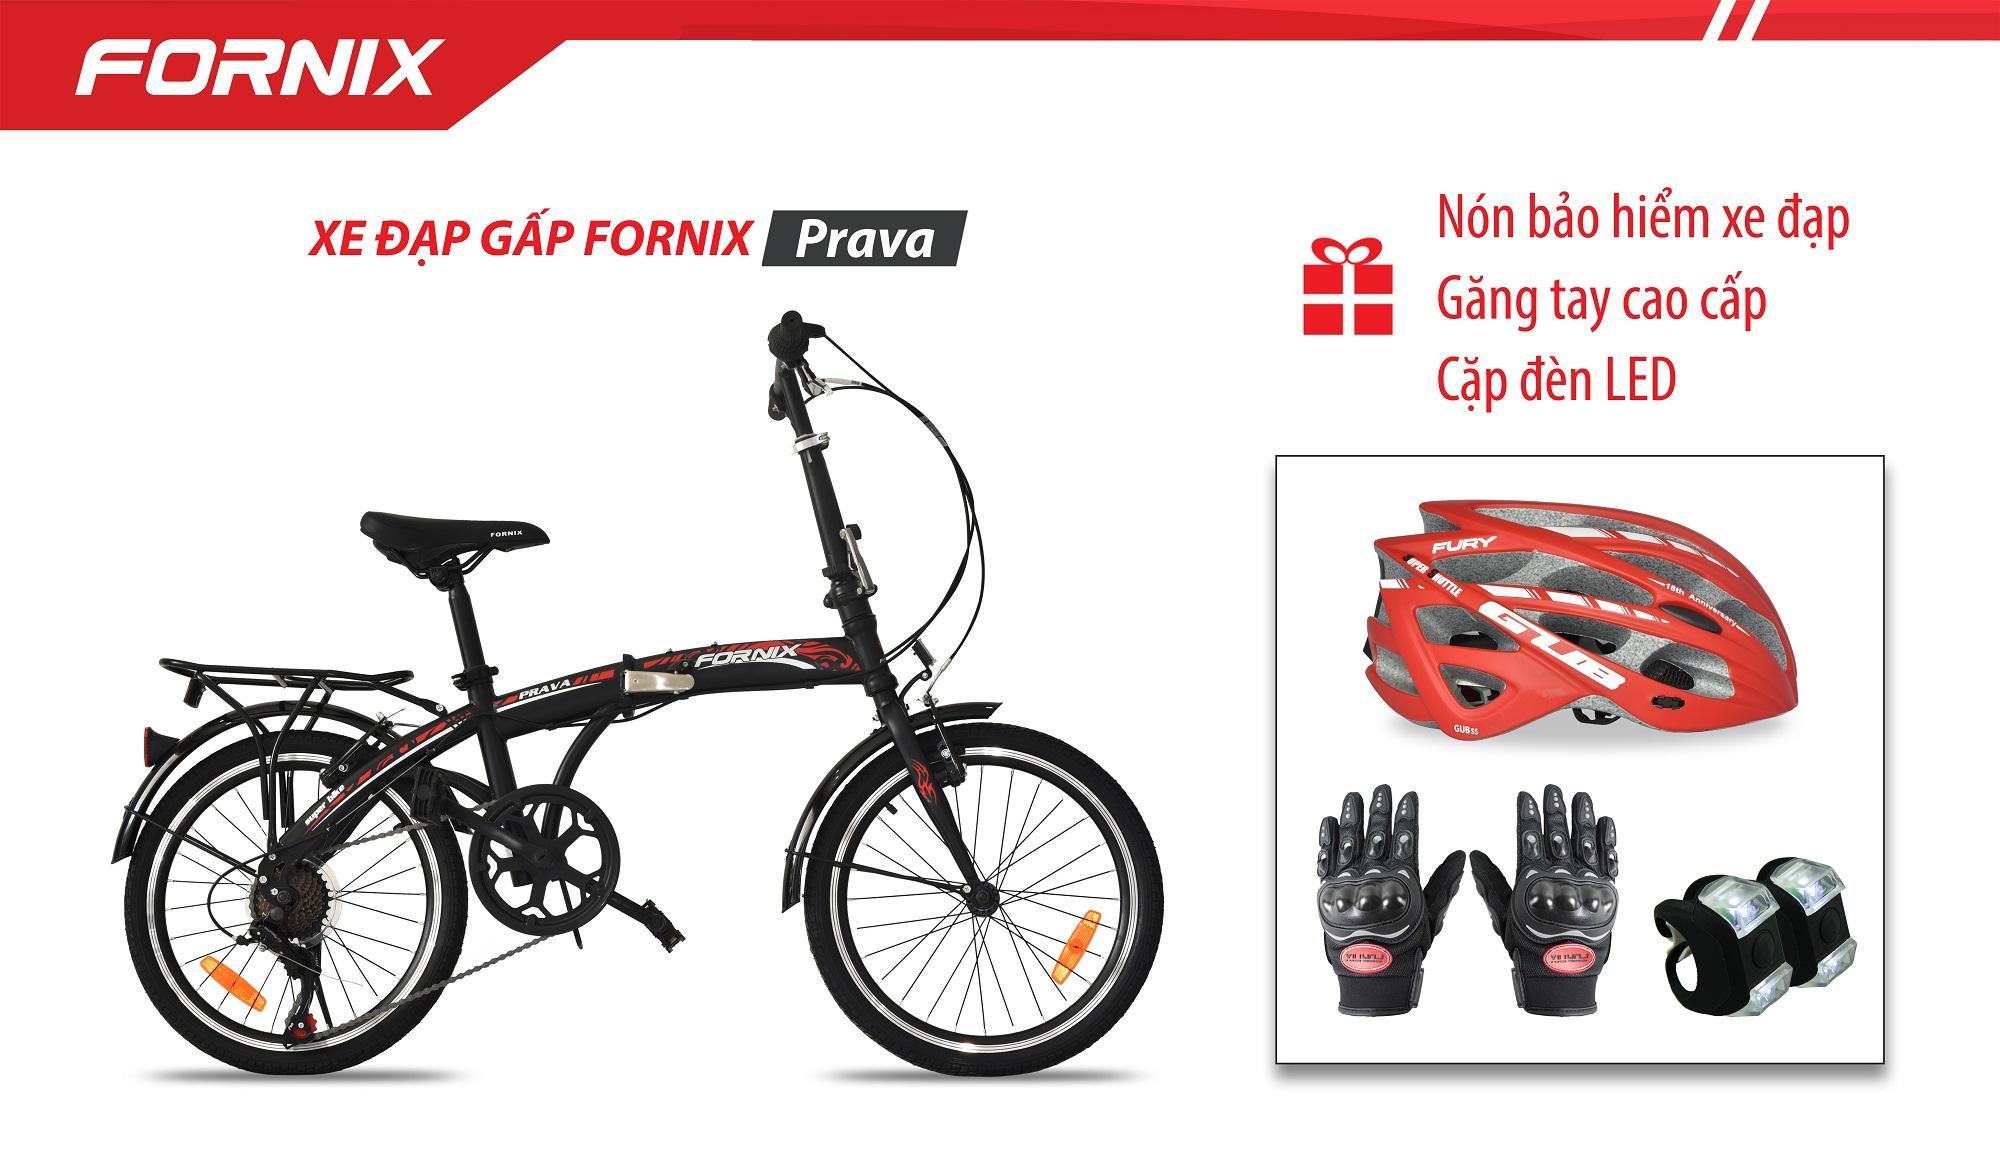 Xe đạp gấp hiệu FORNIX, mã PRAVA + (Gift) Cặp đèn LED, Nón Bảo Hiểm A02N035L, Găng tay